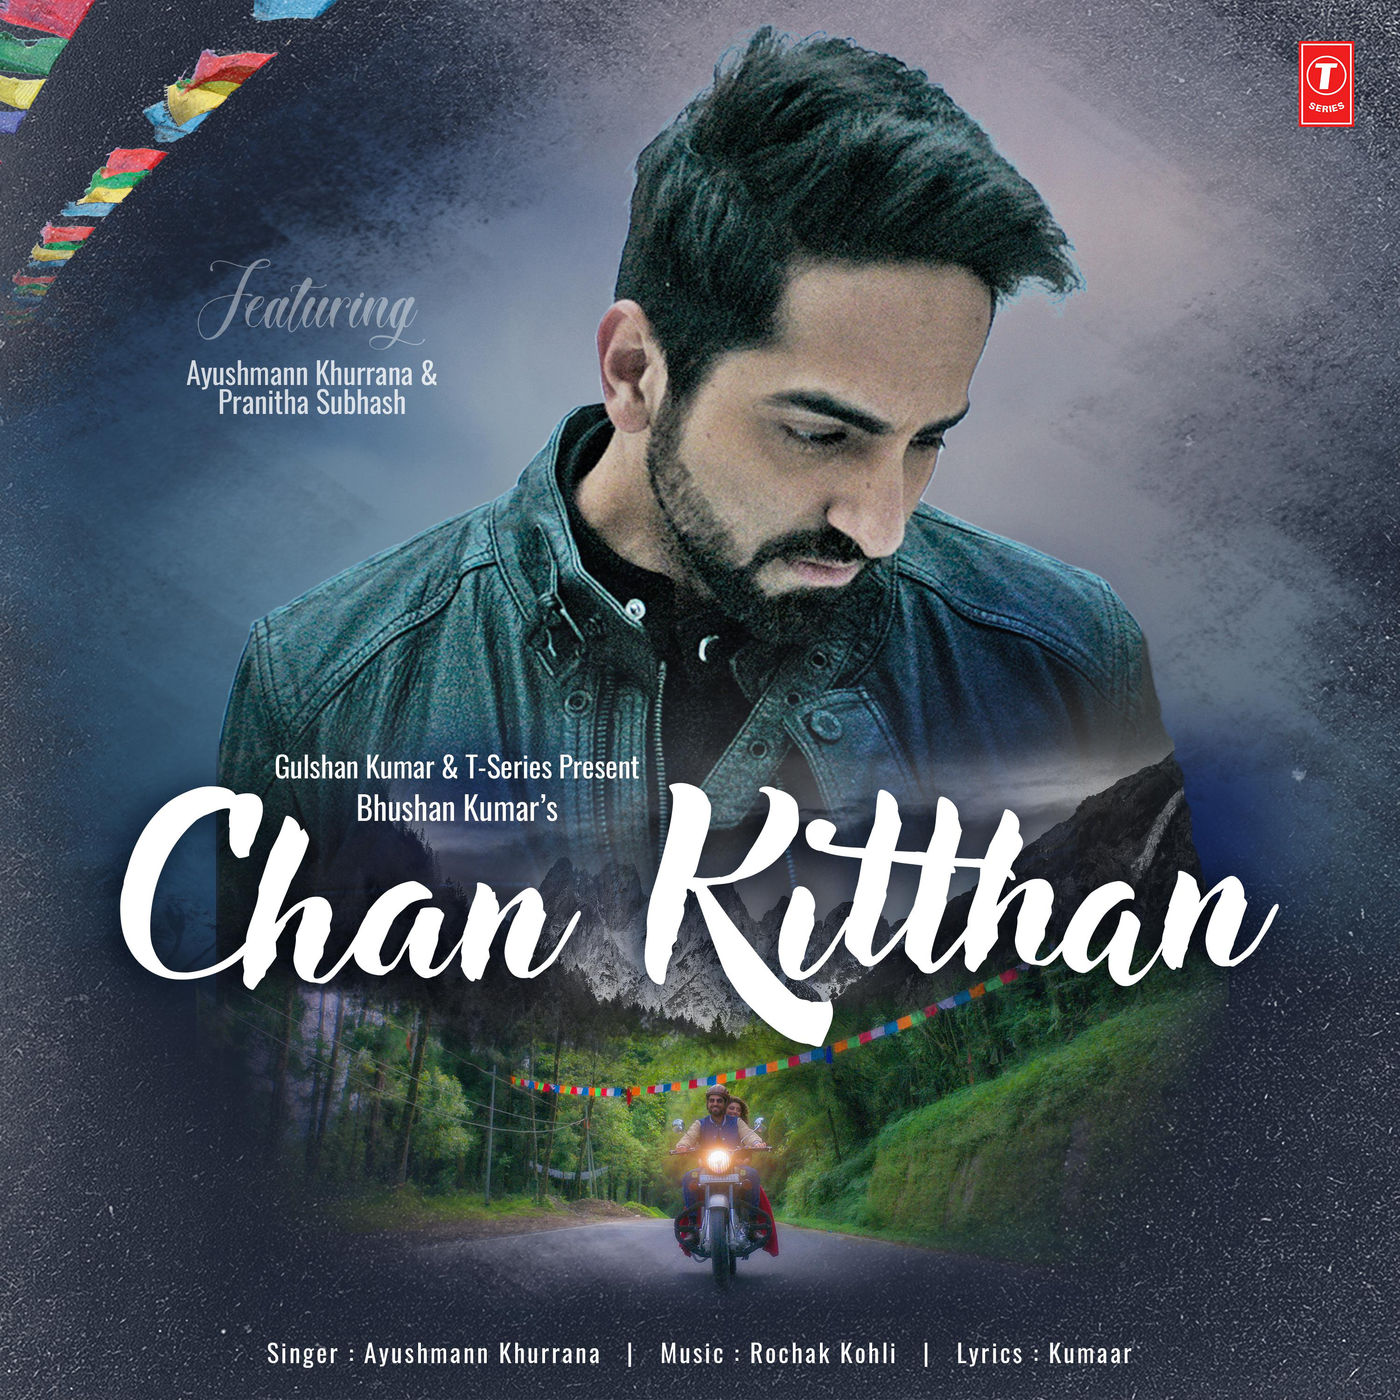 Ayushmann Khurrana & Rochak Kohli – Chan Kitthan – Single [iTunes Match M4A] | iplusall.4fullz.com